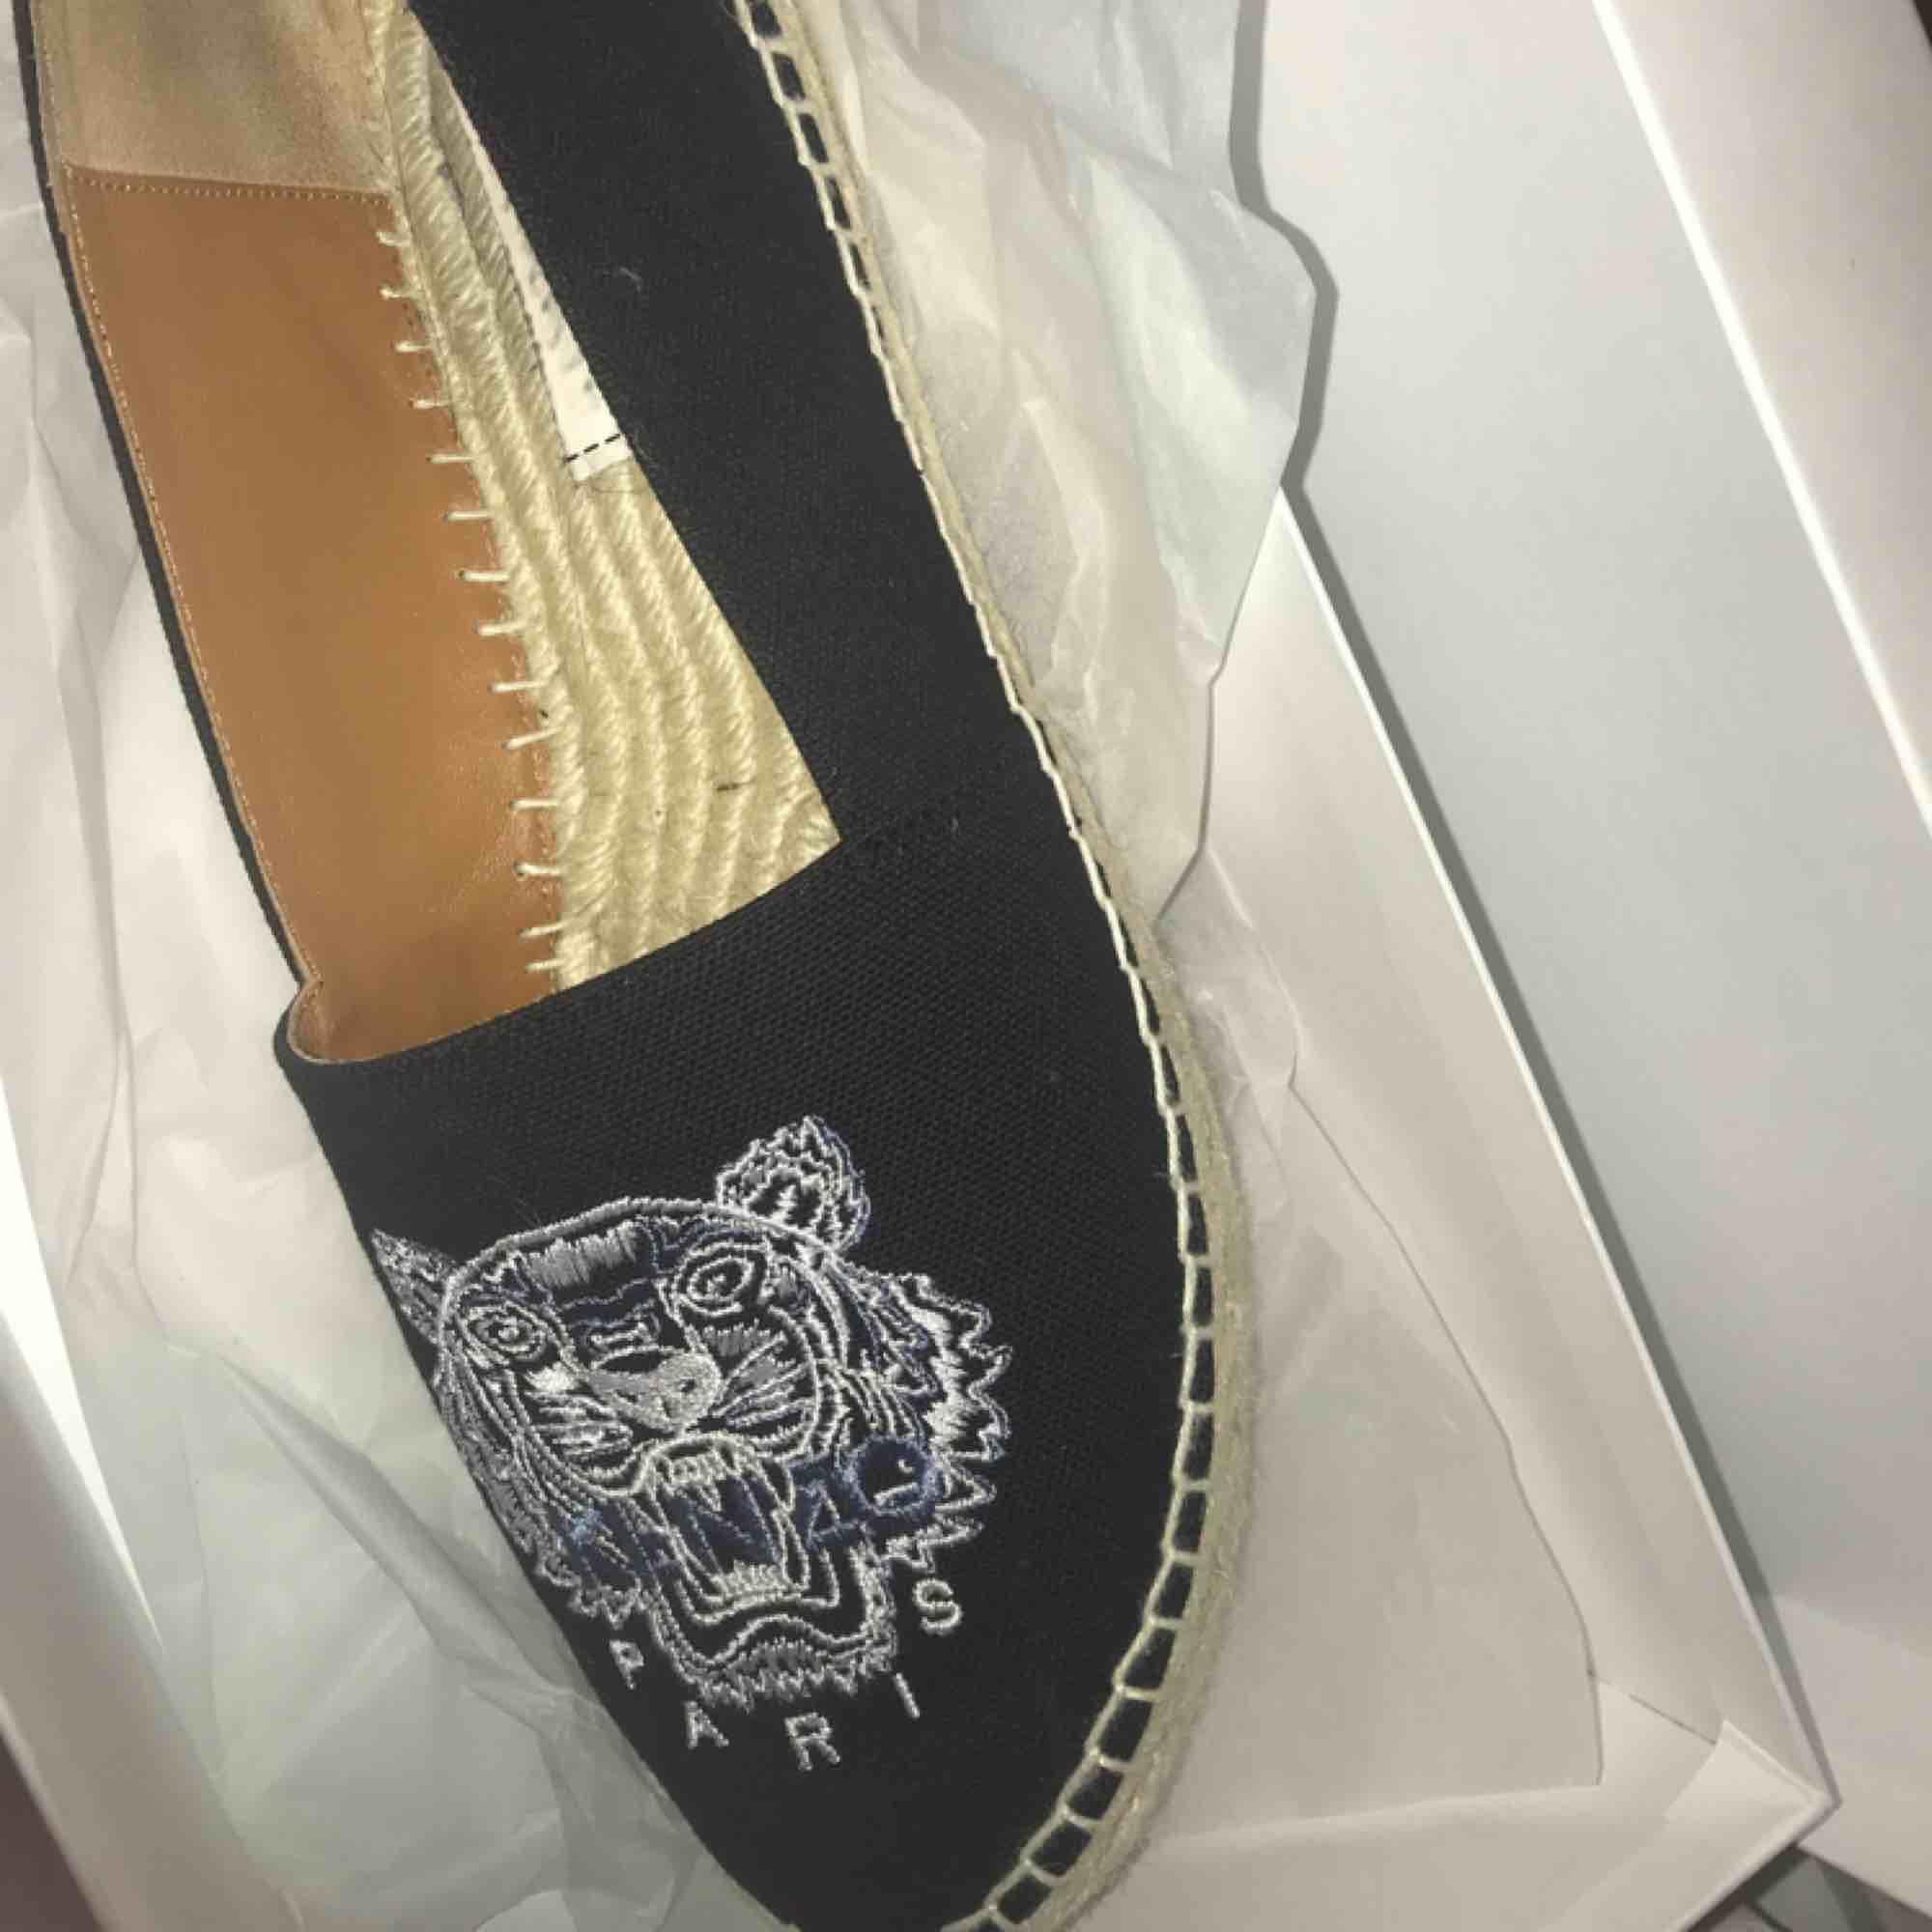 Super snygga kenzo ballerina skor till sommar/vår, helt nya! Använd 2 ggr, köpte dem för 1600kr.  Nu ångrar jag mig för jag ville ha en annan typ av modell. Men dem är jätte snygga verkligen! . Skor.